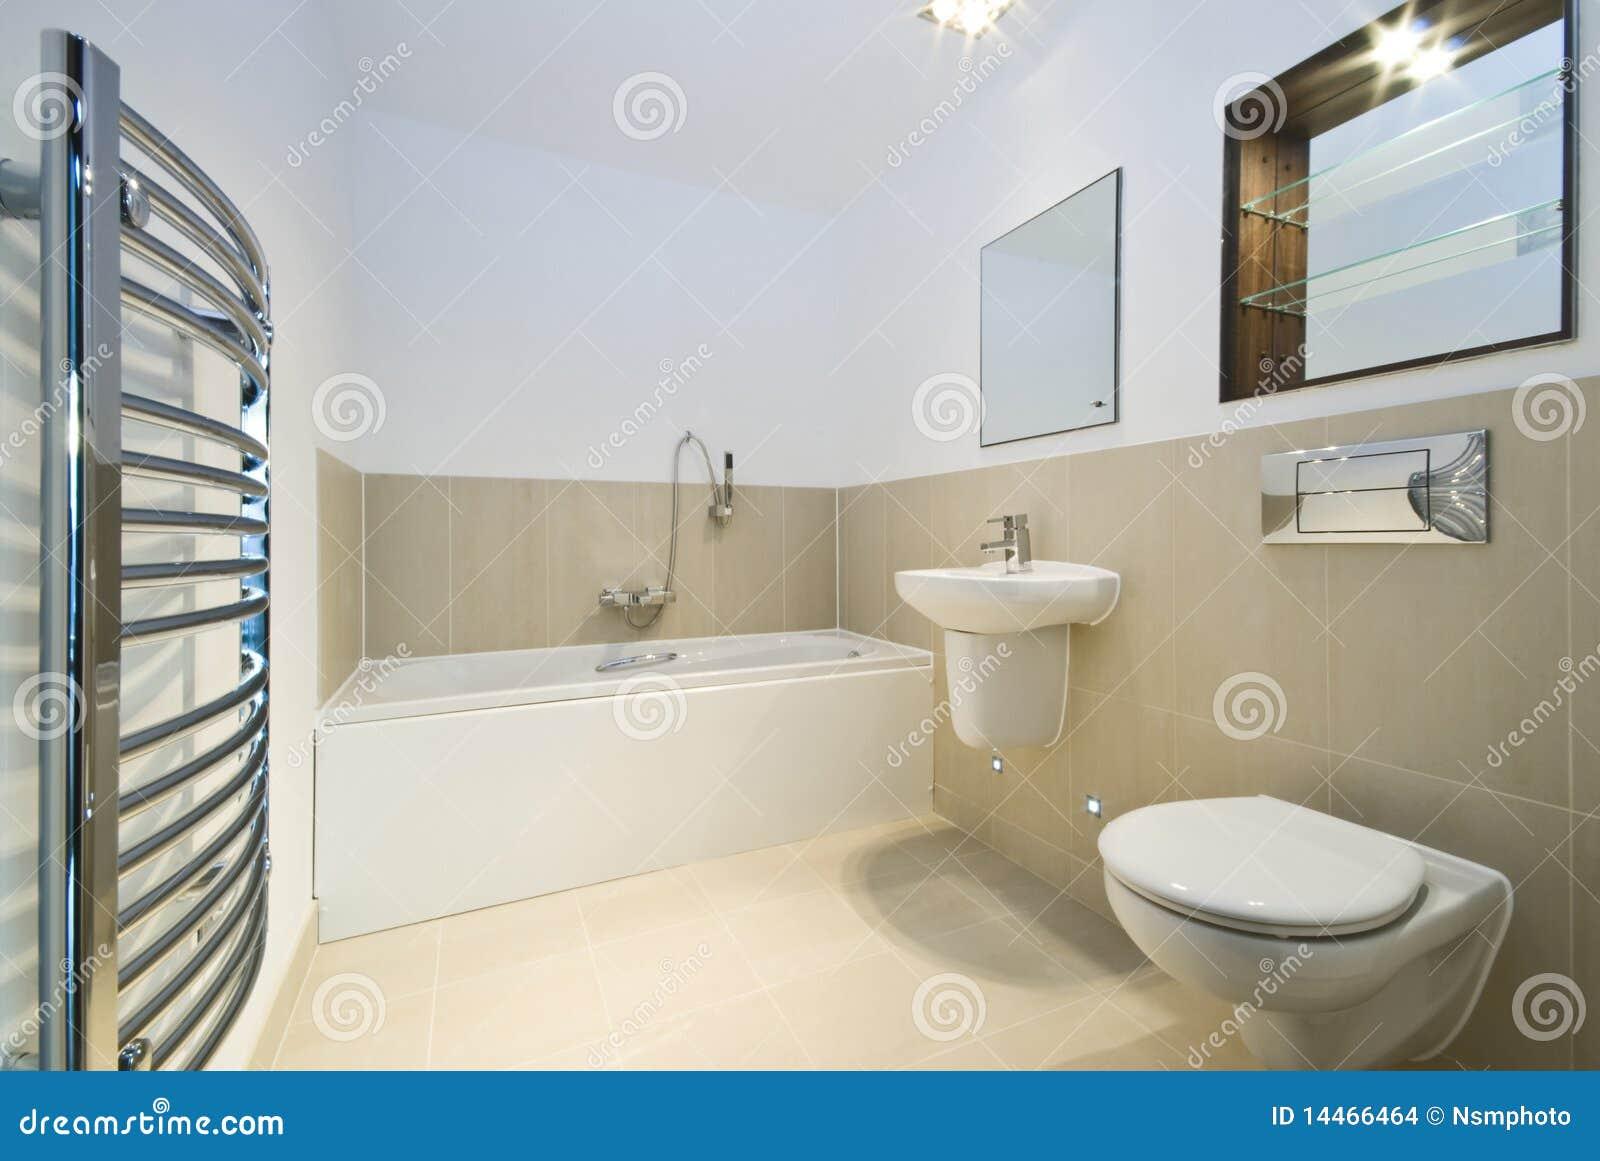 Download Banheiro Moderno Com As Paredes Telhadas Bege Foto De Stock    Imagem De Espelho,